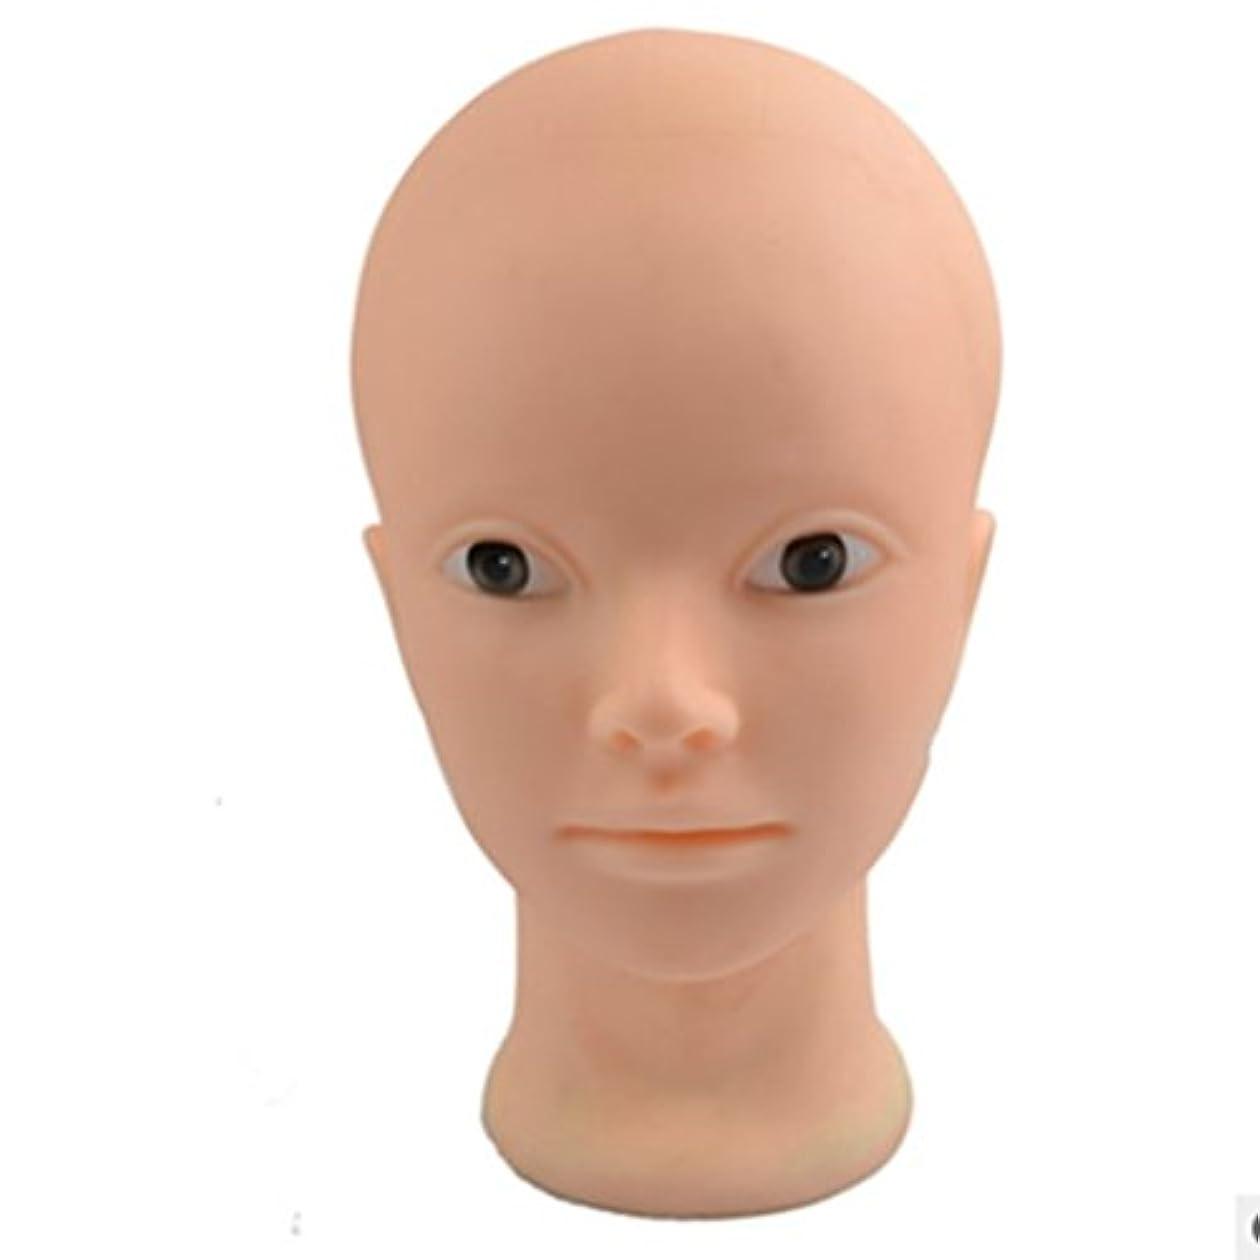 影響力のあるベンチライラック25センチウィッグヘッド金型、ポリ塩化ビニールのプラスチック製の人形の鍼療法の練習はげとメガネスカーフモデルウィッグヘッド ヘアケア (色 : ホワイト)